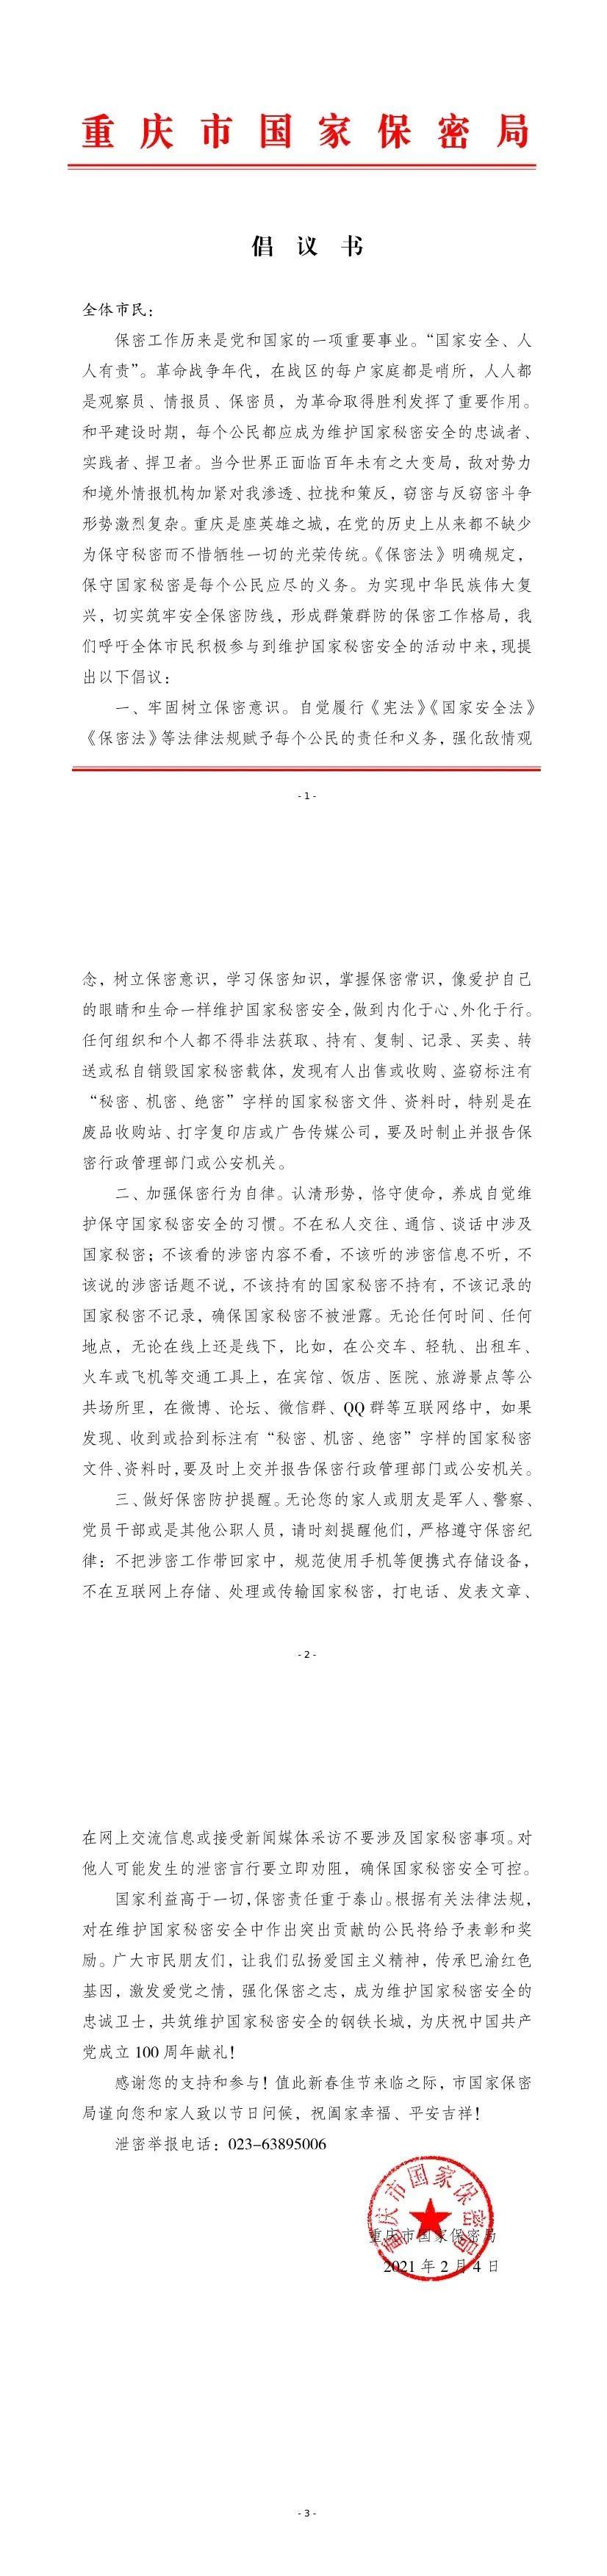 倡议书|国家利益高于一切,保密责任重于泰山图片